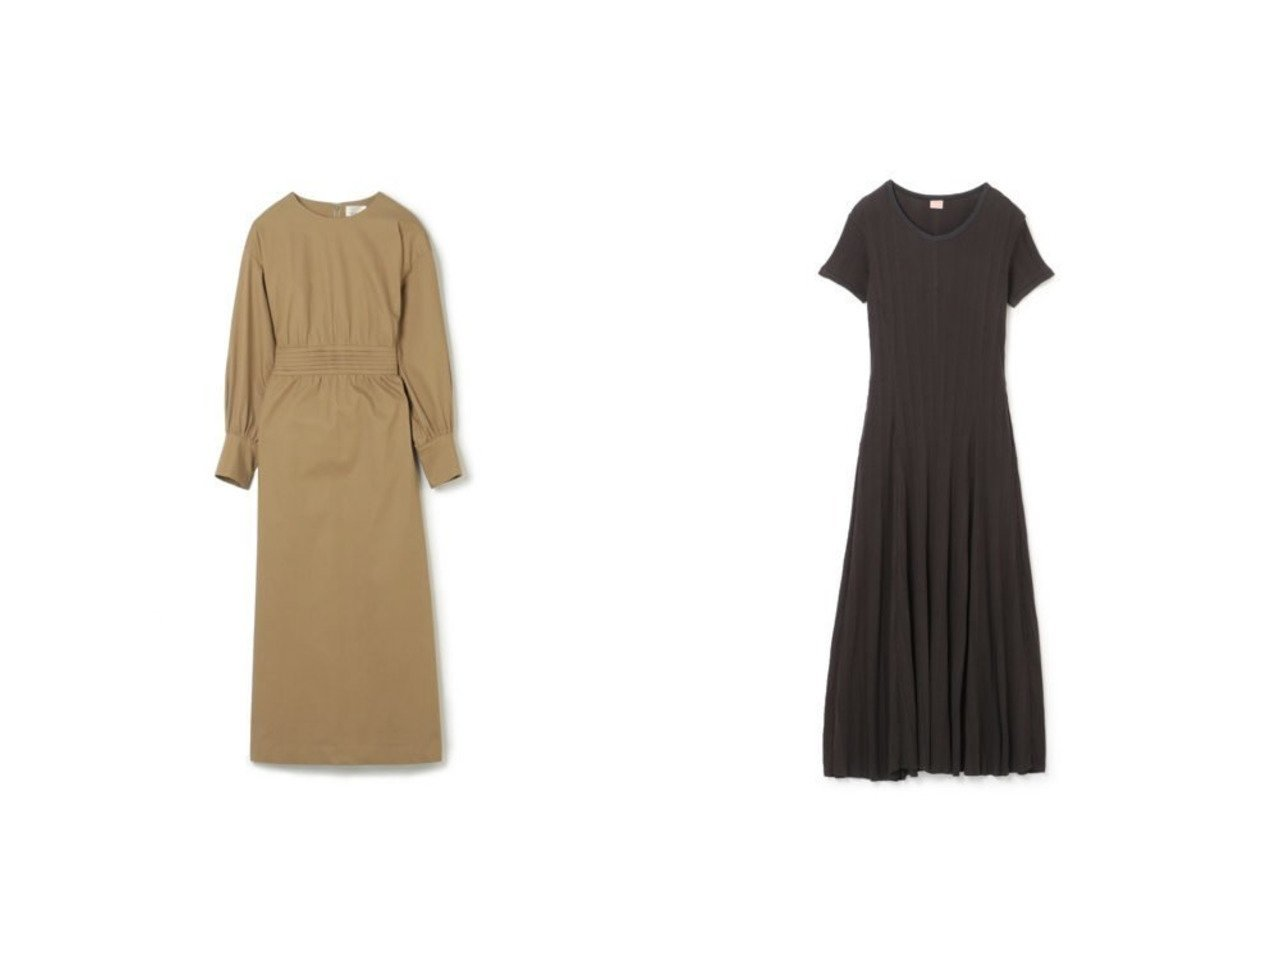 【M7days/エムセブンデイズ】のウエスト切替ワンピース&【MAISON EUREKA/メゾンエウレカ】のRANDOM RIB MAXI DRESS ワンピース・ドレスのおすすめ!人気、トレンド・レディースファッションの通販 おすすめで人気の流行・トレンド、ファッションの通販商品 メンズファッション・キッズファッション・インテリア・家具・レディースファッション・服の通販 founy(ファニー) https://founy.com/ ファッション Fashion レディースファッション WOMEN ワンピース Dress ドレス Party Dresses シャツワンピース Shirt Dresses マキシワンピース Maxi Dress シンプル スリーブ ミモレ ラウンド 切替 洗える 長袖 2021年 2021 2021 春夏 S/S SS Spring/Summer 2021 S/S 春夏 SS Spring/Summer ドレス マキシ 半袖 |ID:crp329100000015415